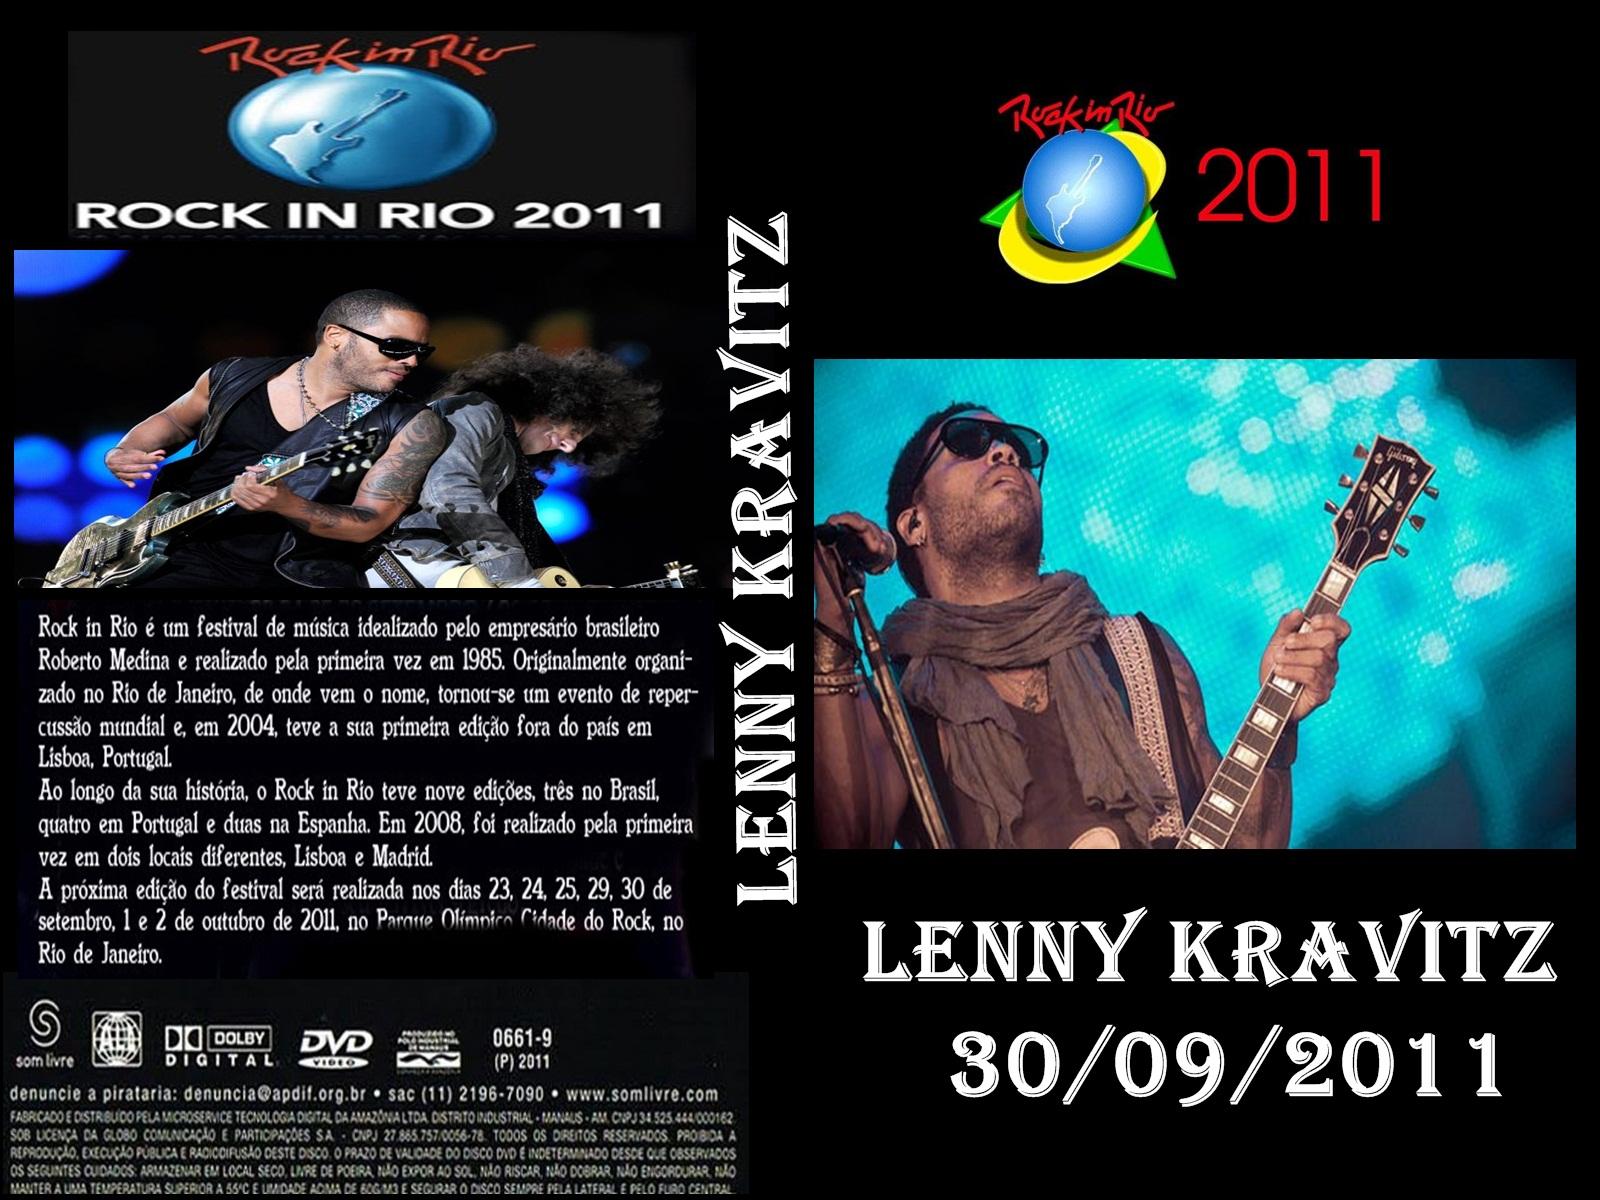 http://4.bp.blogspot.com/--mczbLjAIKs/TtpXPxeAgzI/AAAAAAAAAFA/QkYEPUORq2c/s1600/LENNY+KRAVITY.jpg